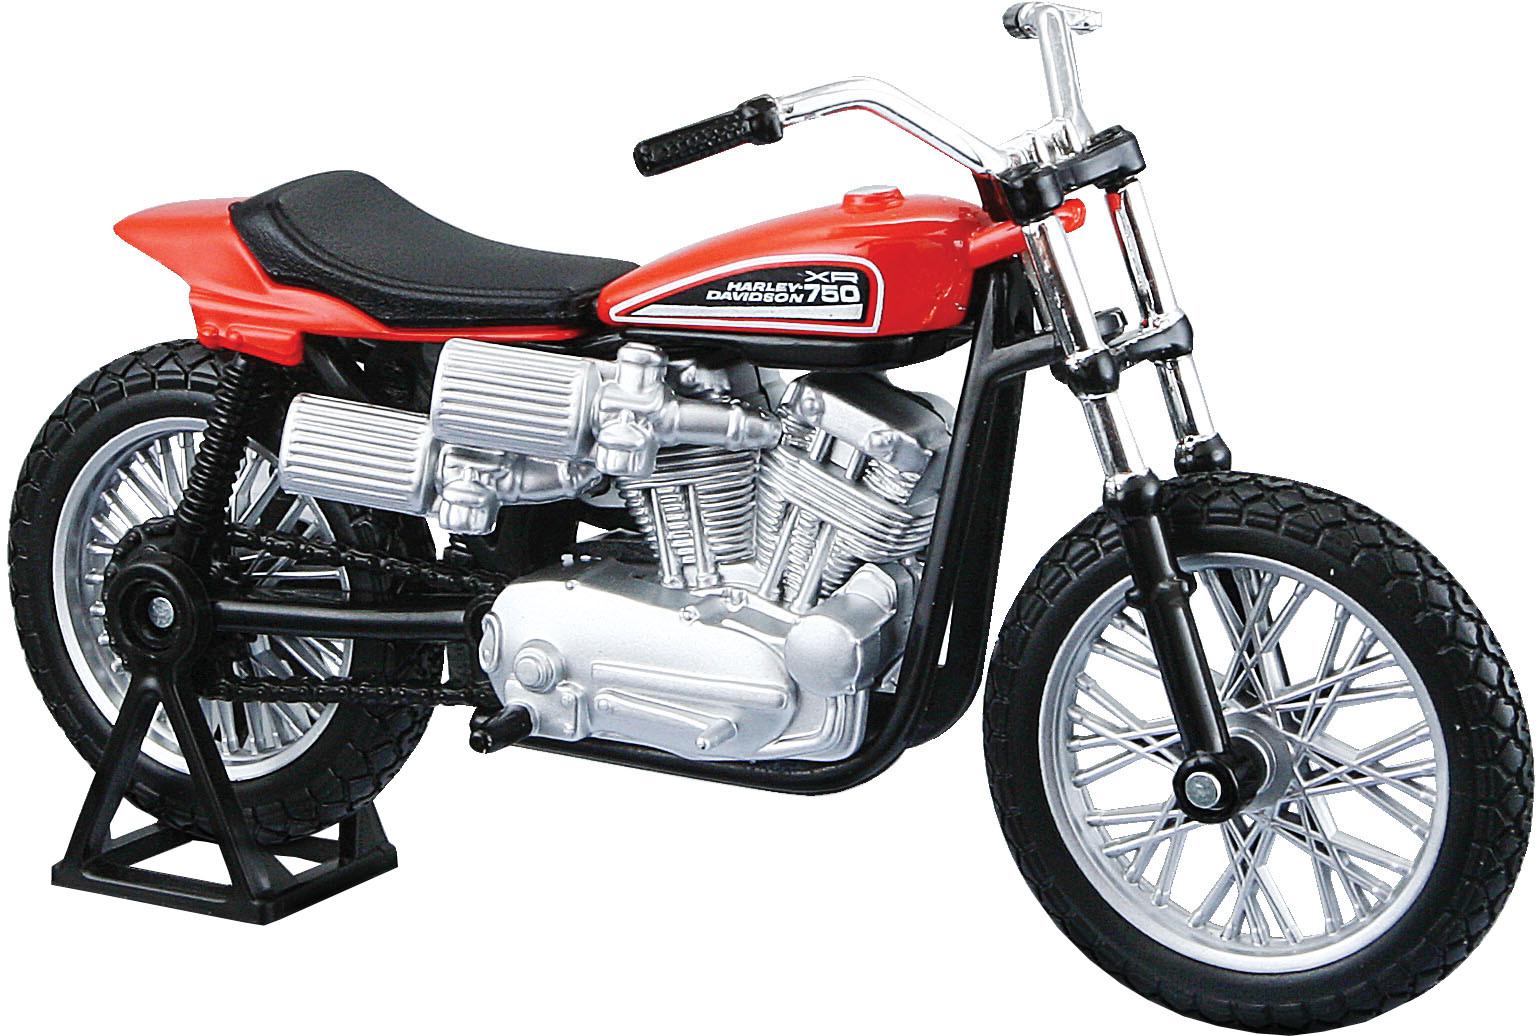 Harley Davidson: Maisto Harley-Davidson 1972 XR750 Racing Bike